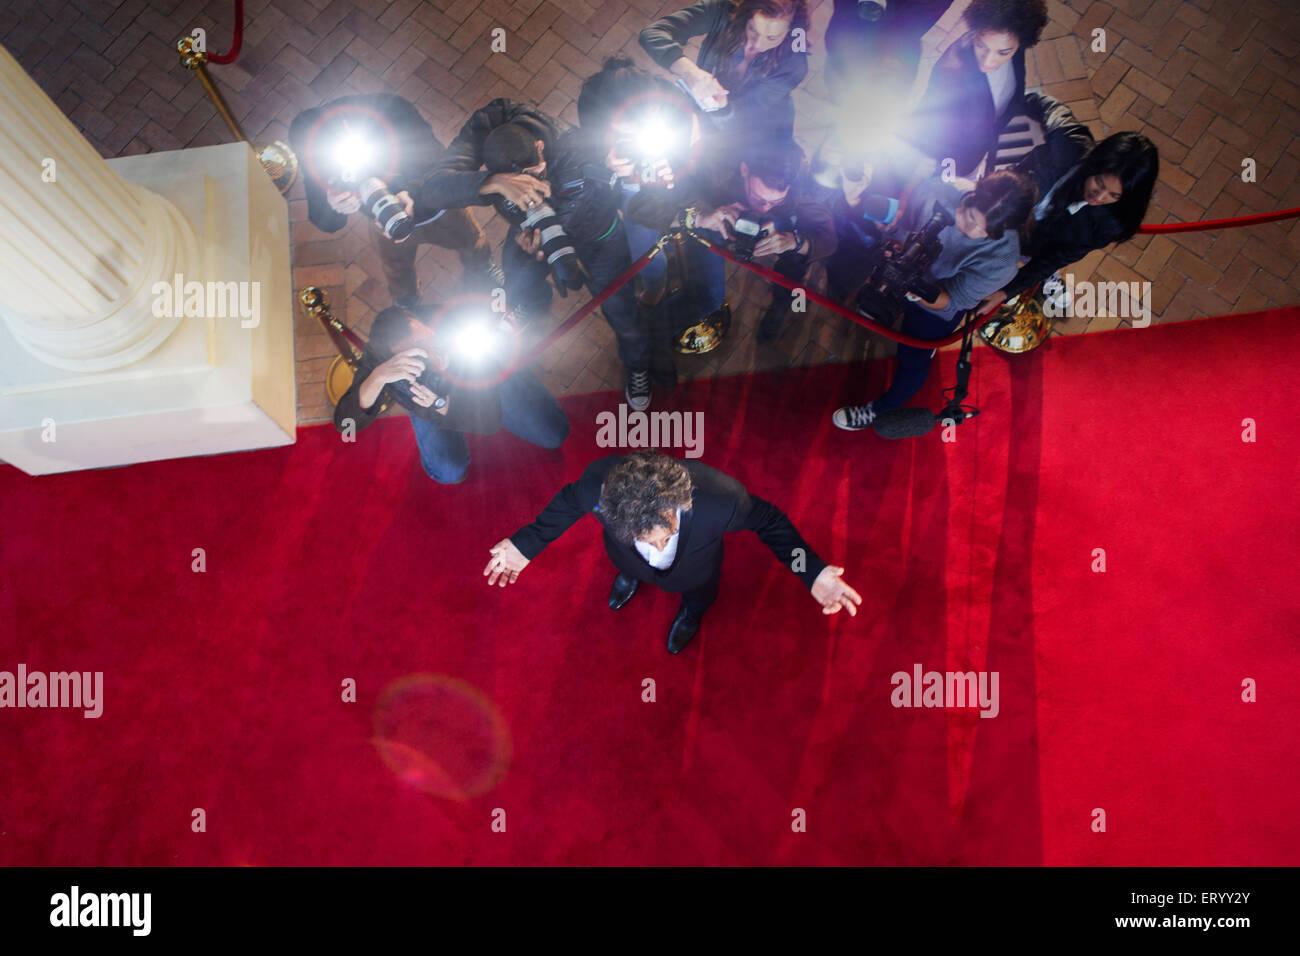 Paparazzi fotografi fotografare celebrità al red carpet event Foto Stock